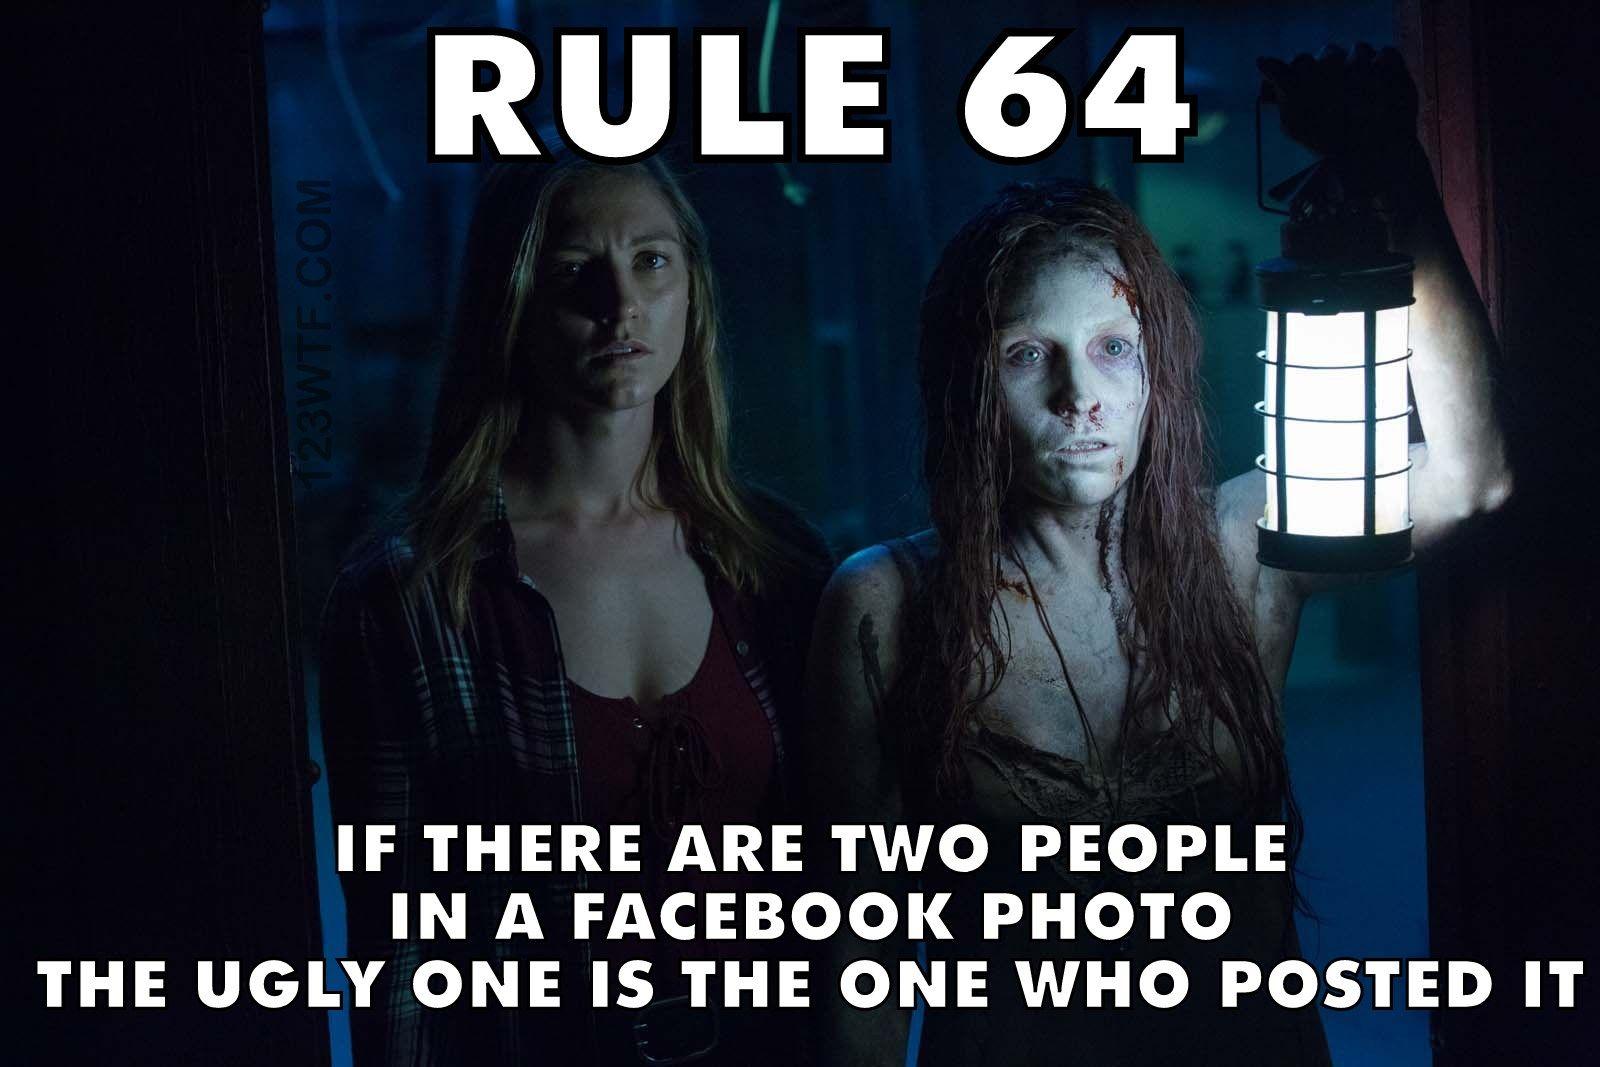 Rule 64 meme insisious insidious4 TheLastKey